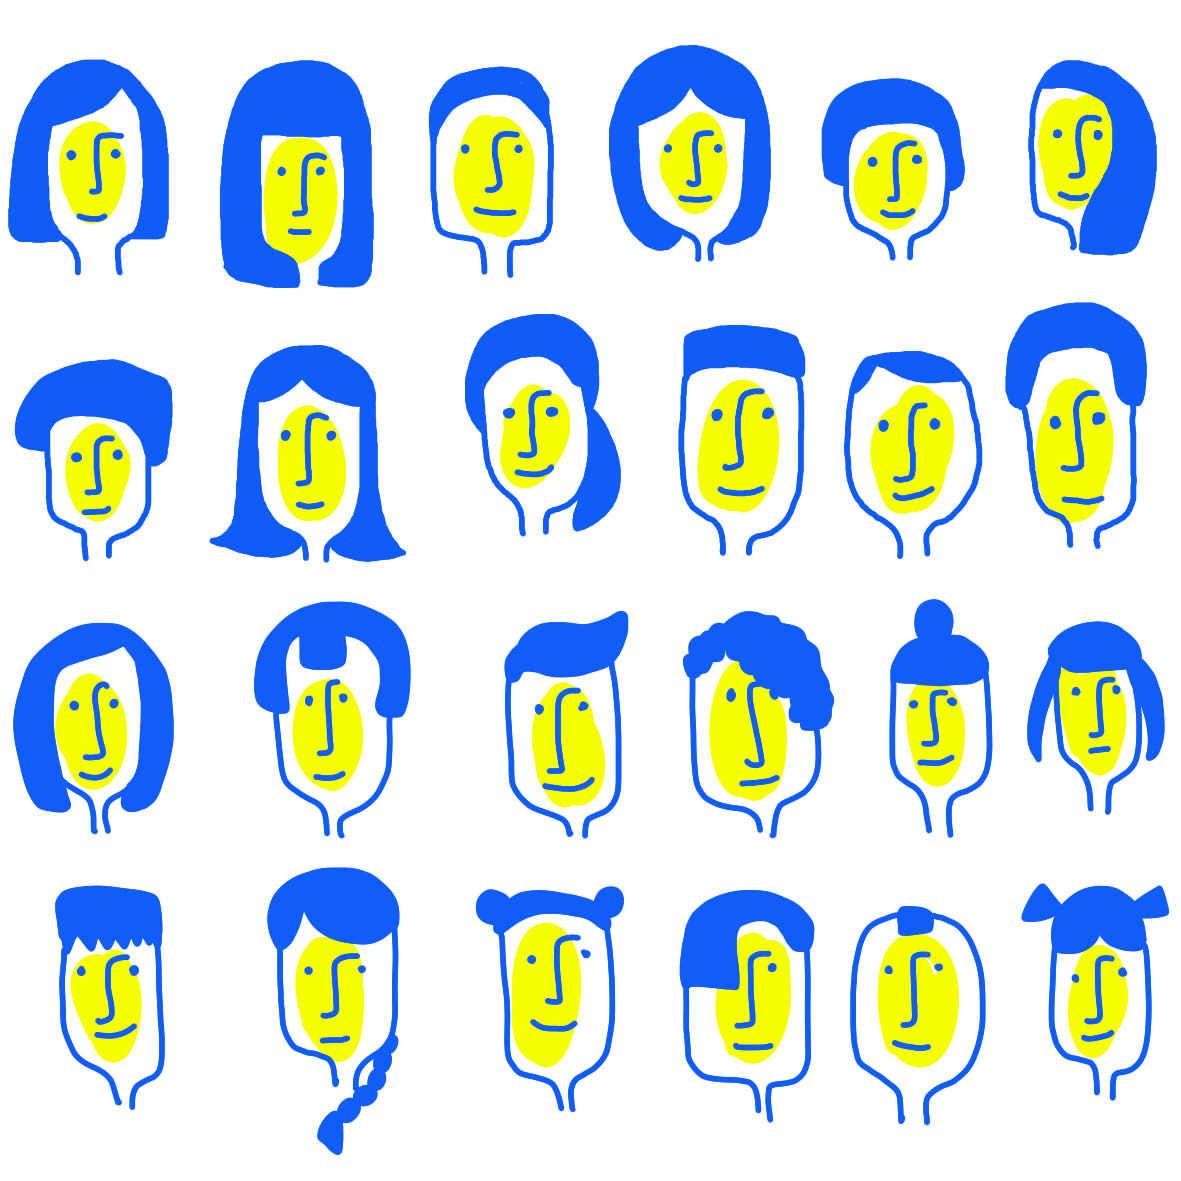 微信表情脸含义v表情图九尾表情包图片